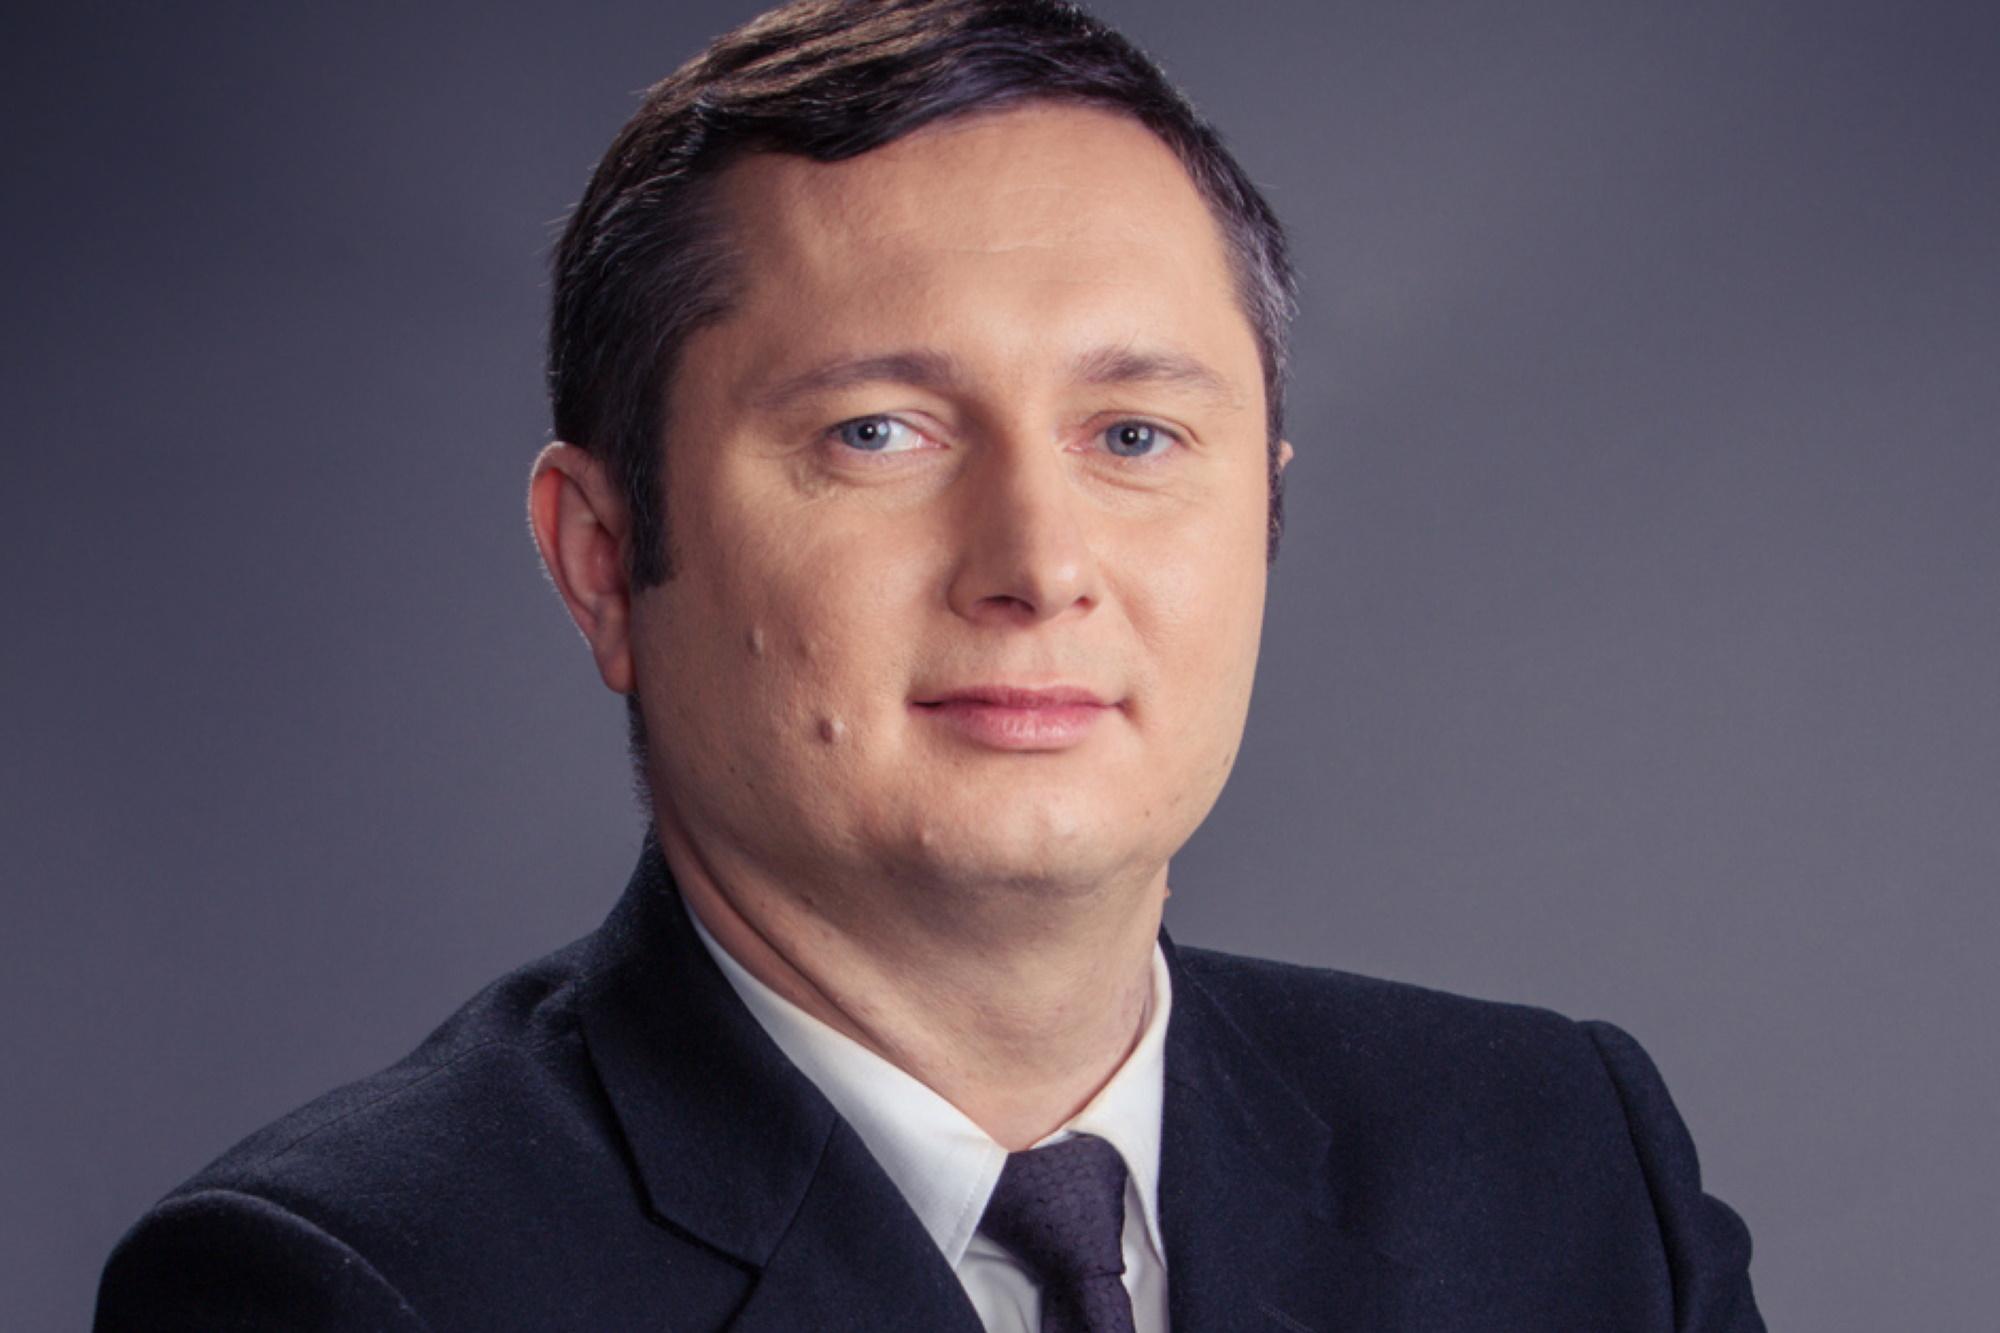 - Sytuacja w jakiej wszyscy się znaleźliśmy jest bezprecedensowa i musimy się do niej dostosować - mówi Mikołaj Placek, prezes Grupy Oknoplast. Fot. mat. pras.